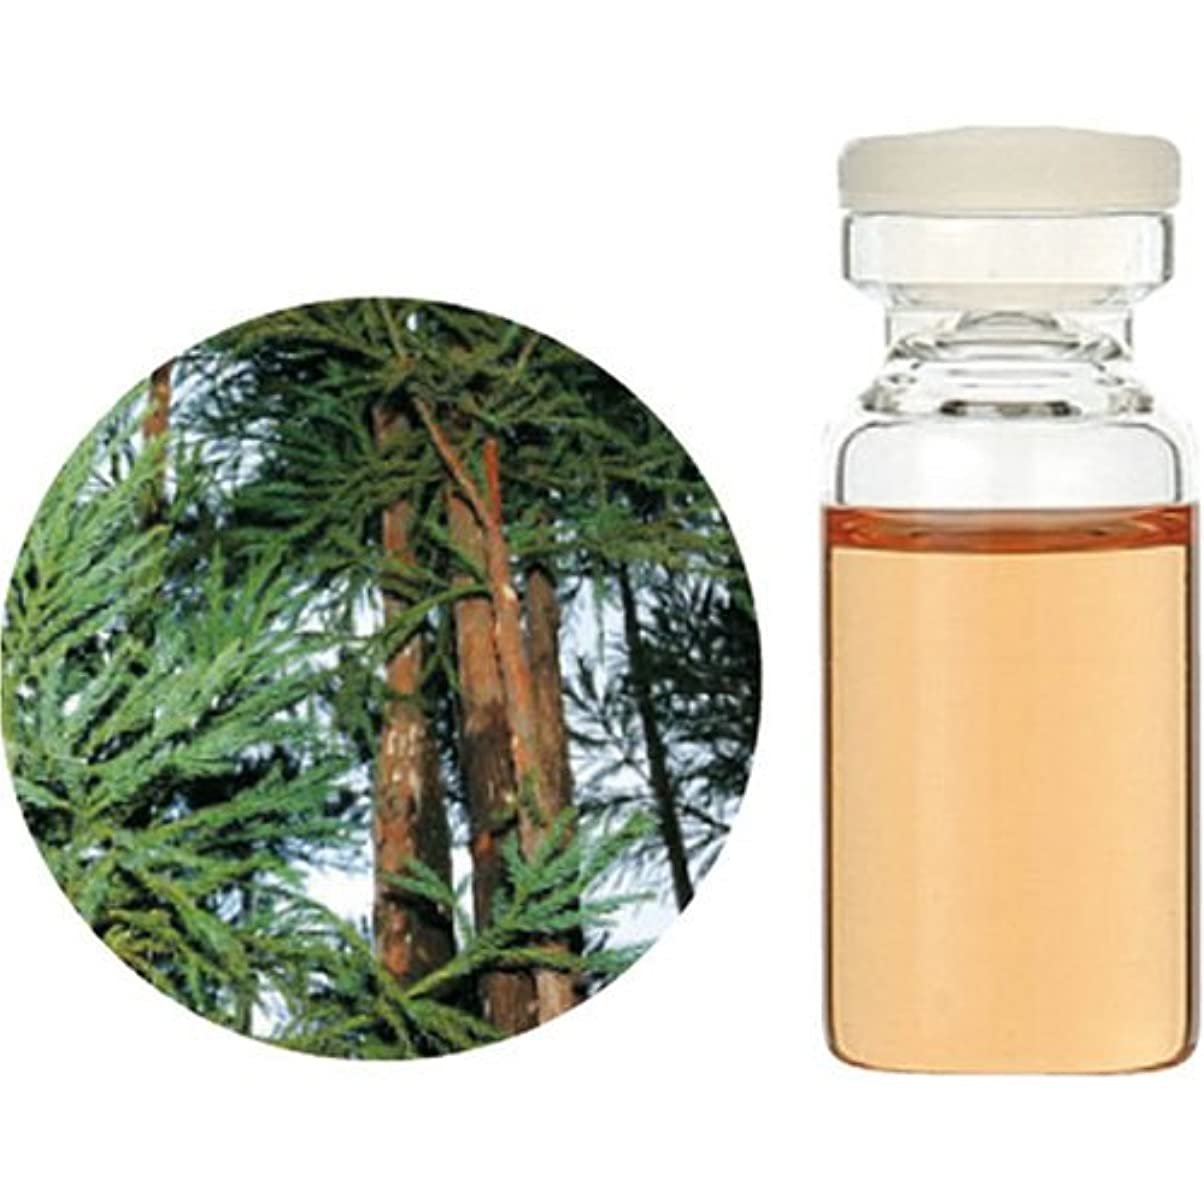 危機ブラケットトリップ生活の木 C 和精油 杉 (木部) エッセンシャルオイル 10ml